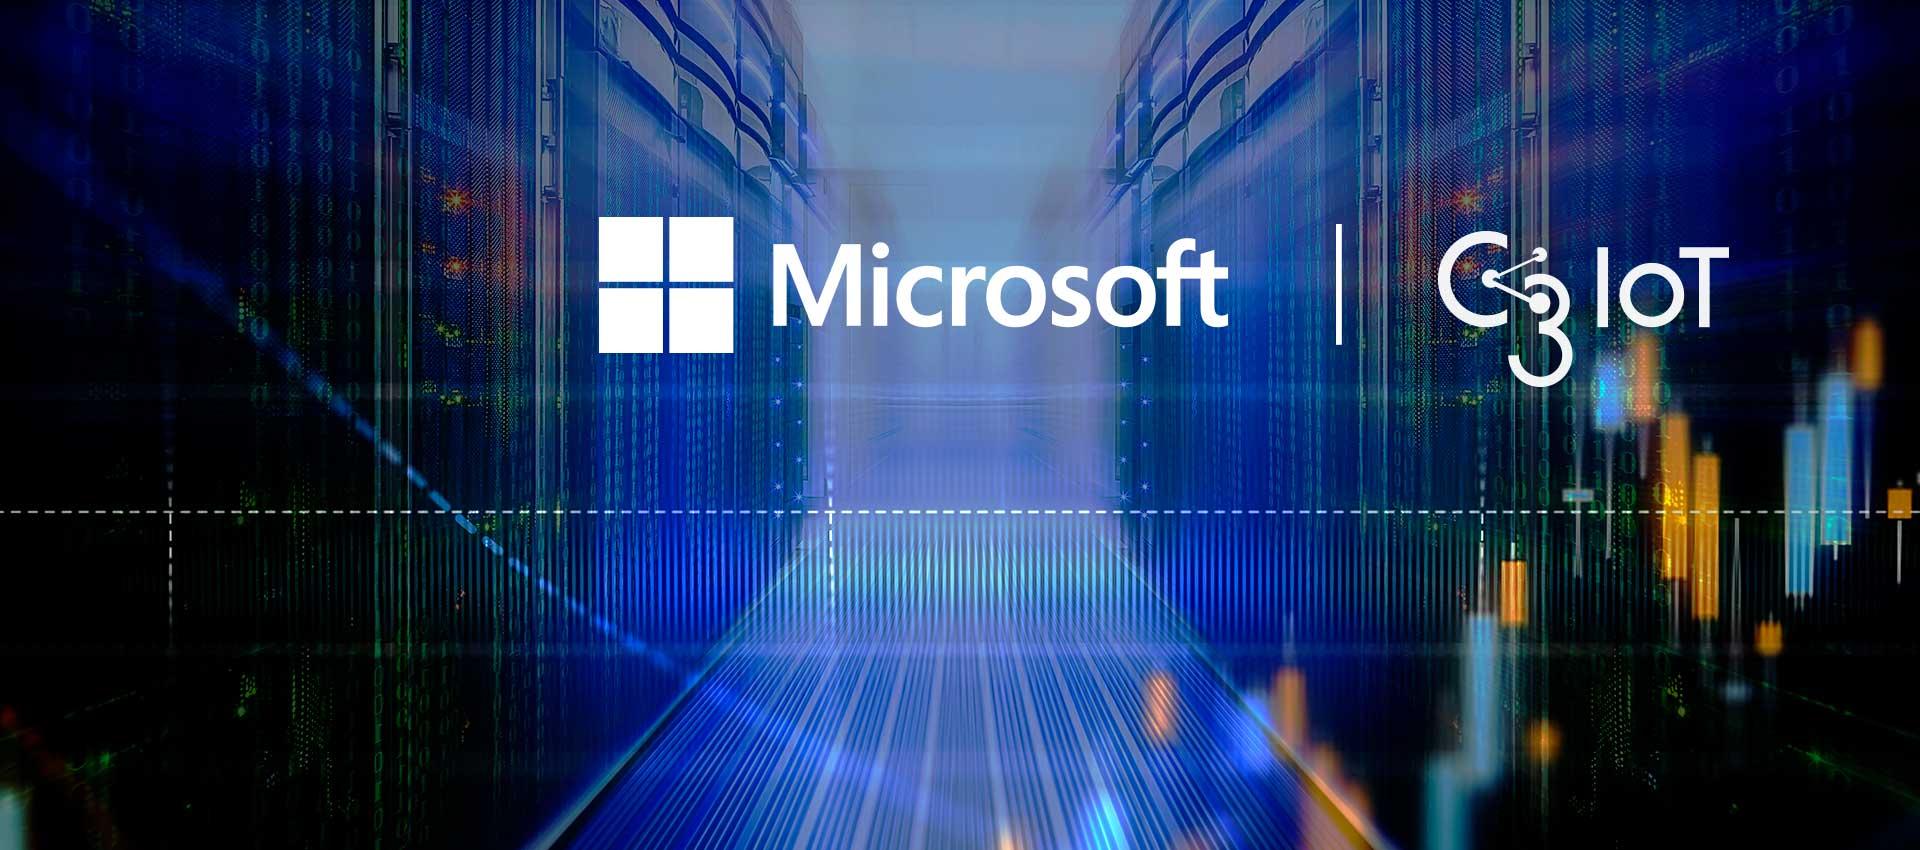 C3 IoT - Microsoft Announcement